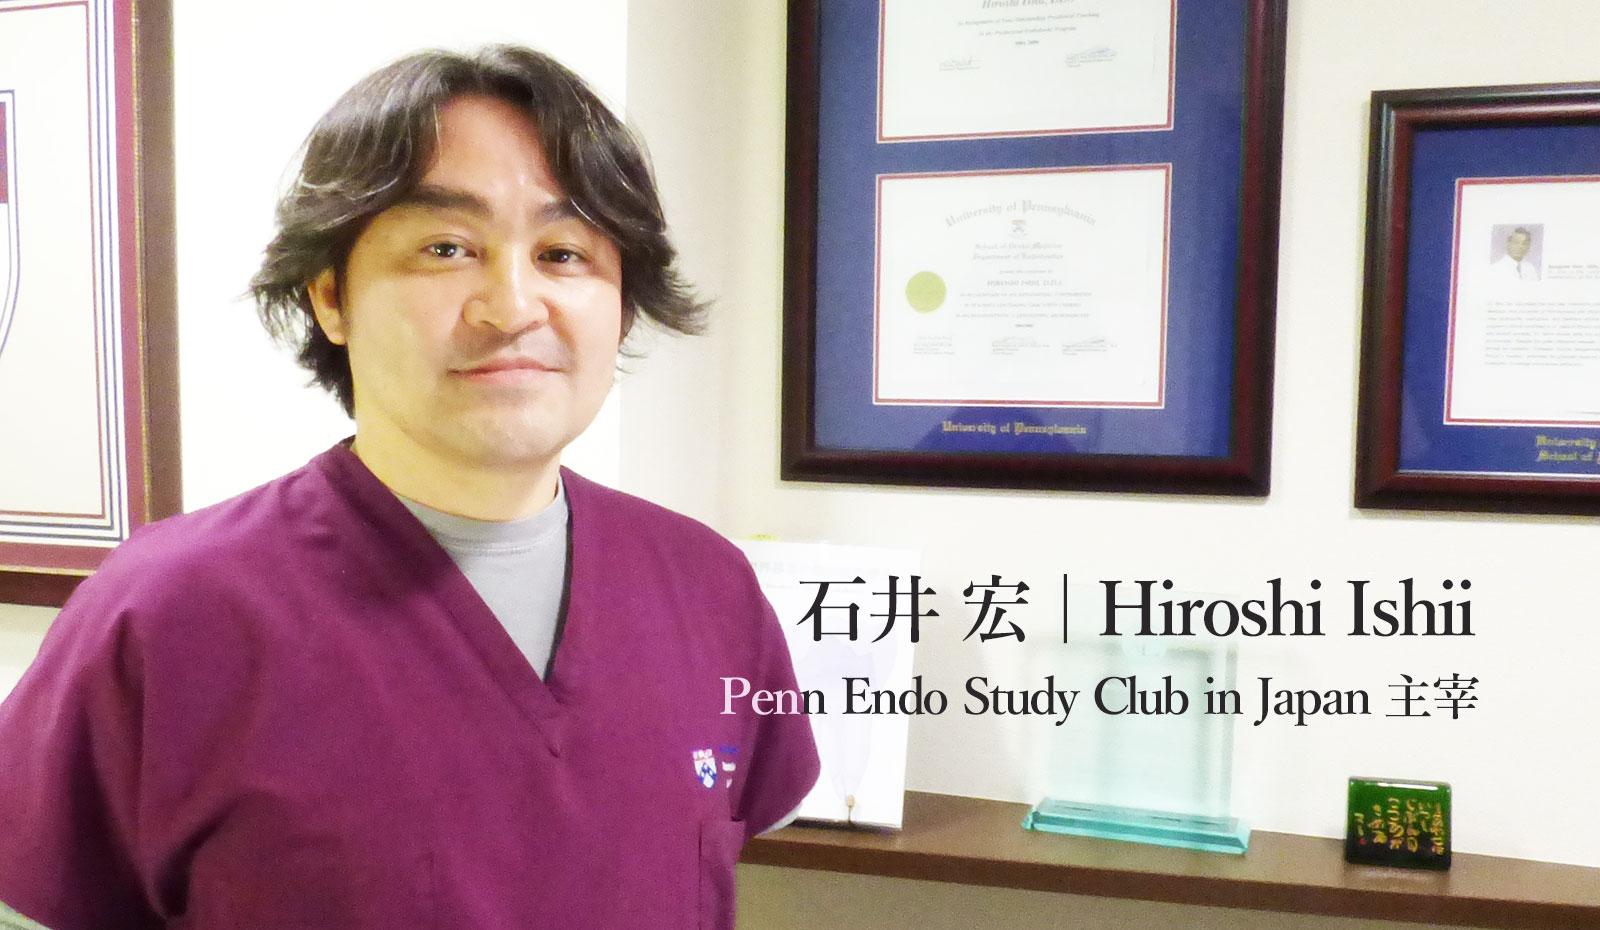 石井宏先生 後編『専門医として歩む道すじ』の画像です